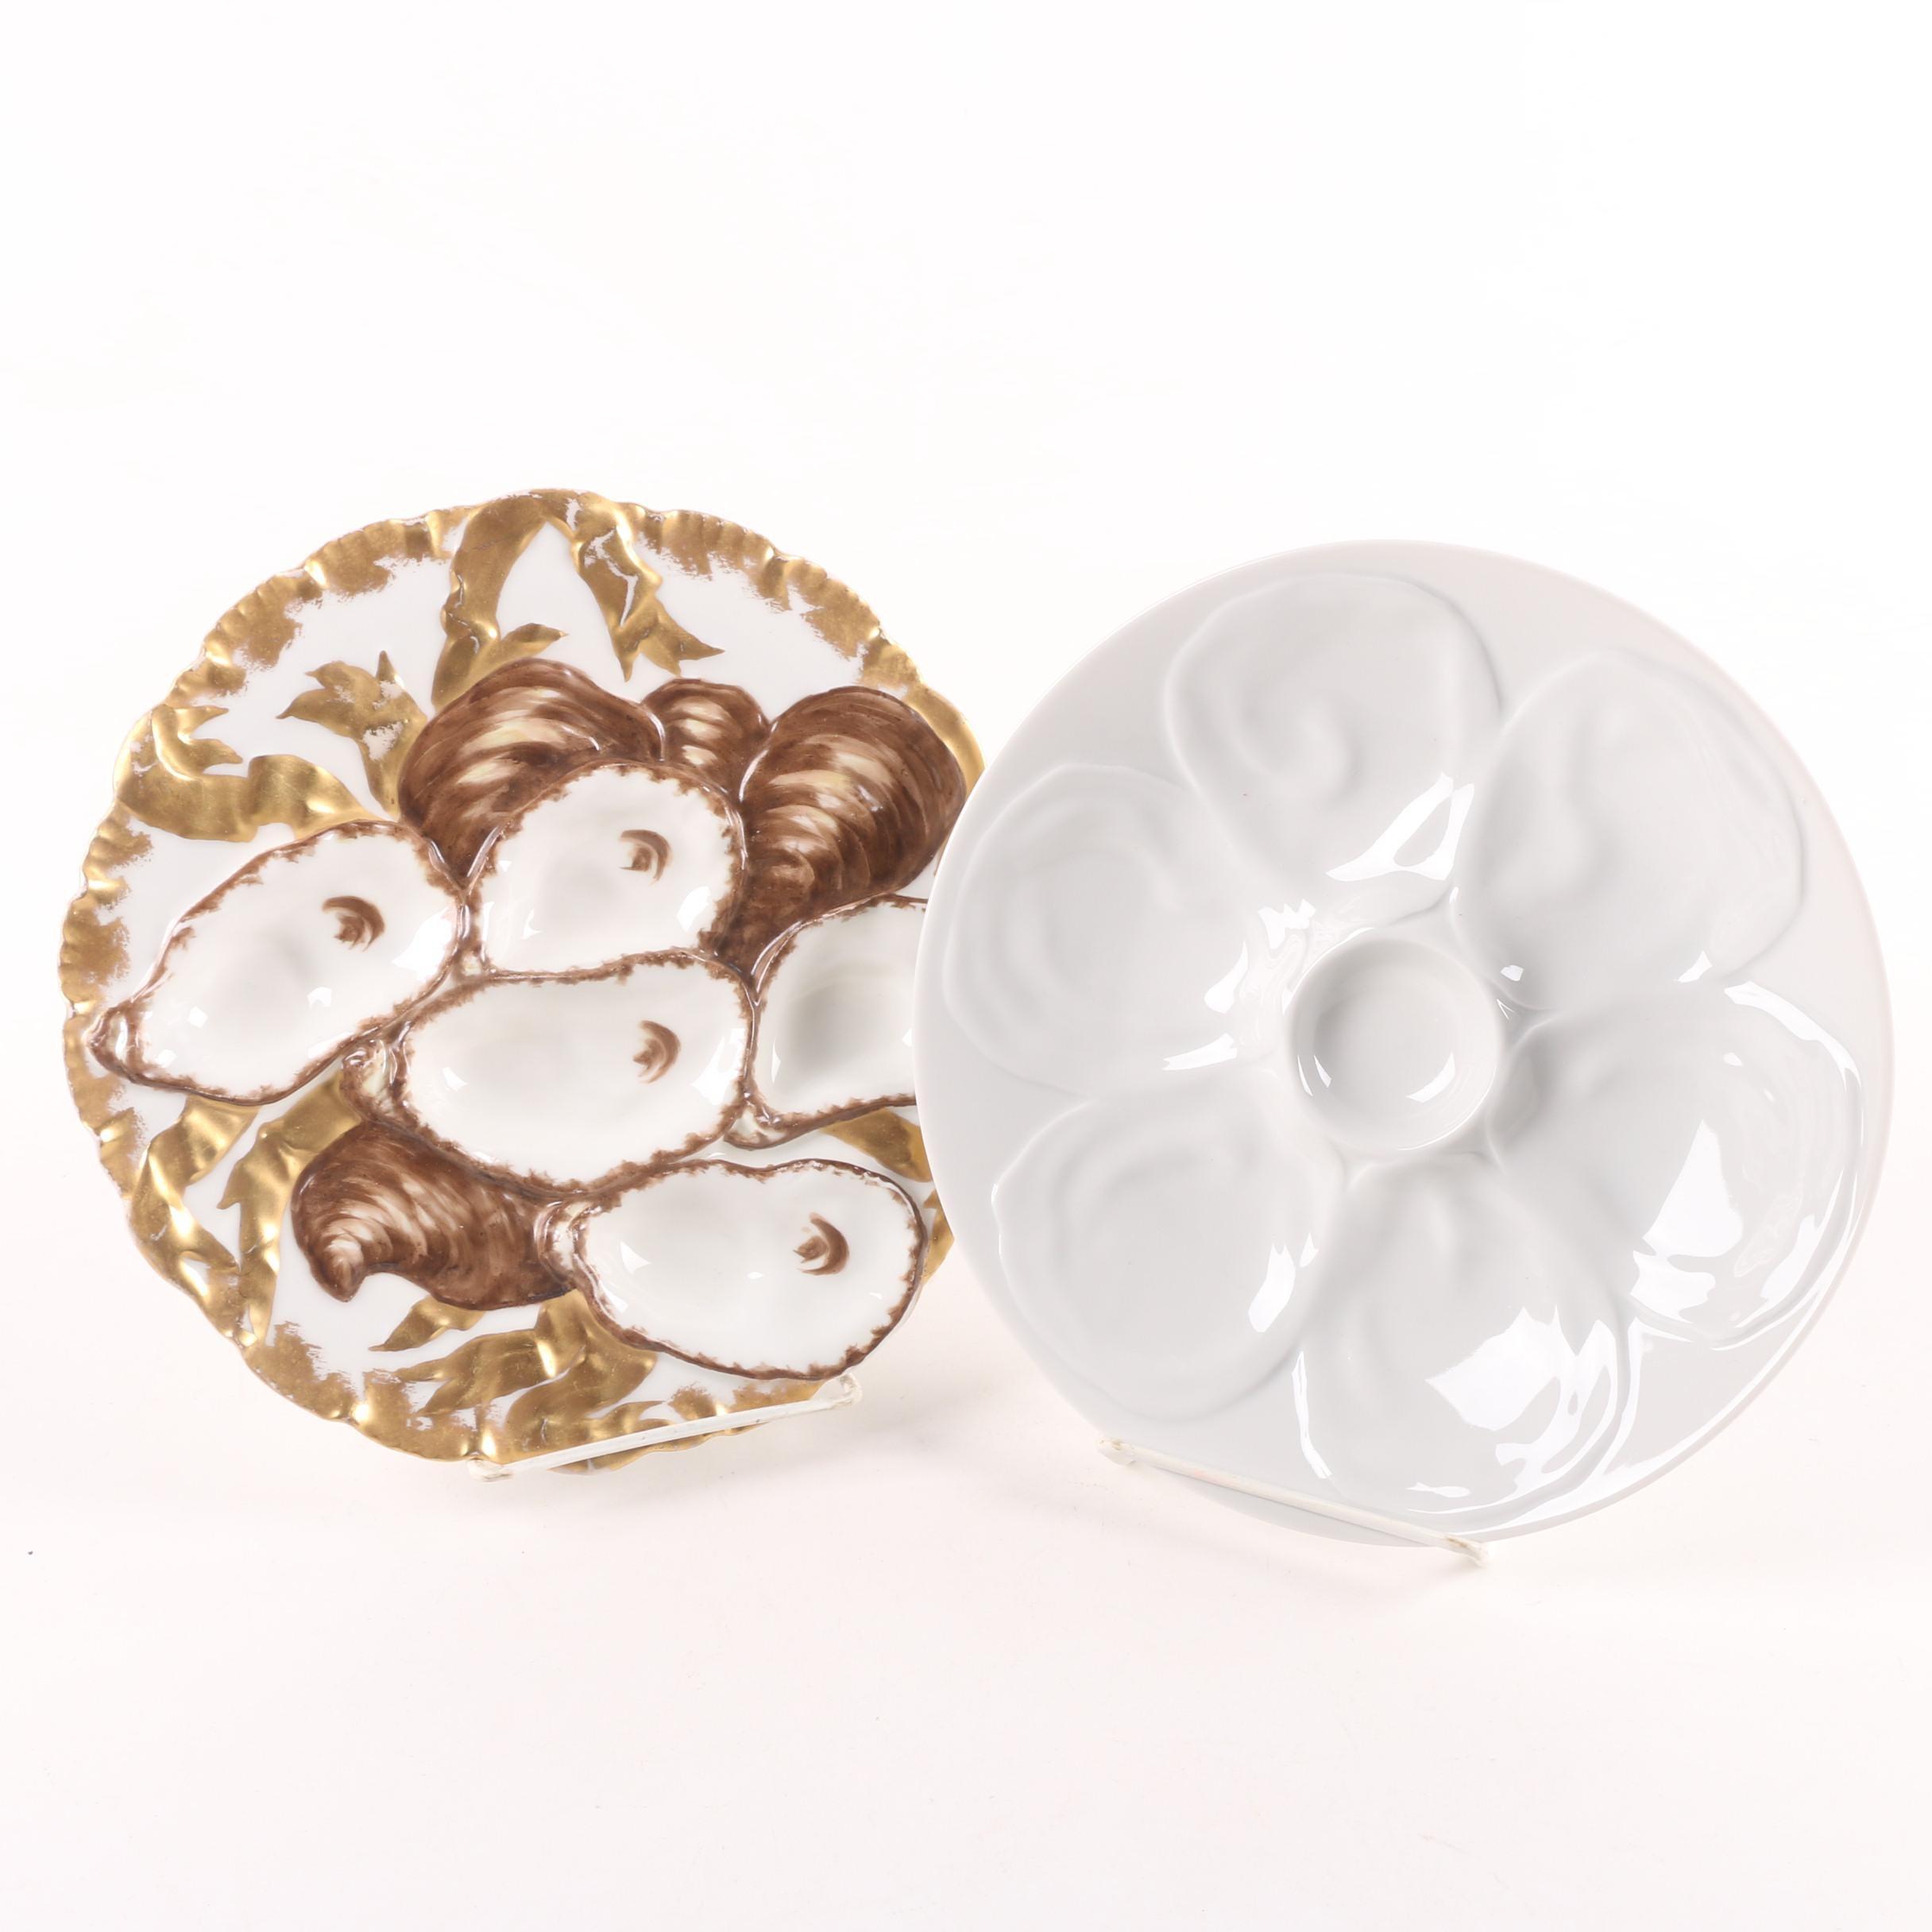 Antique Haviland and Vintage Schönwald Porcelain Oyster Plates